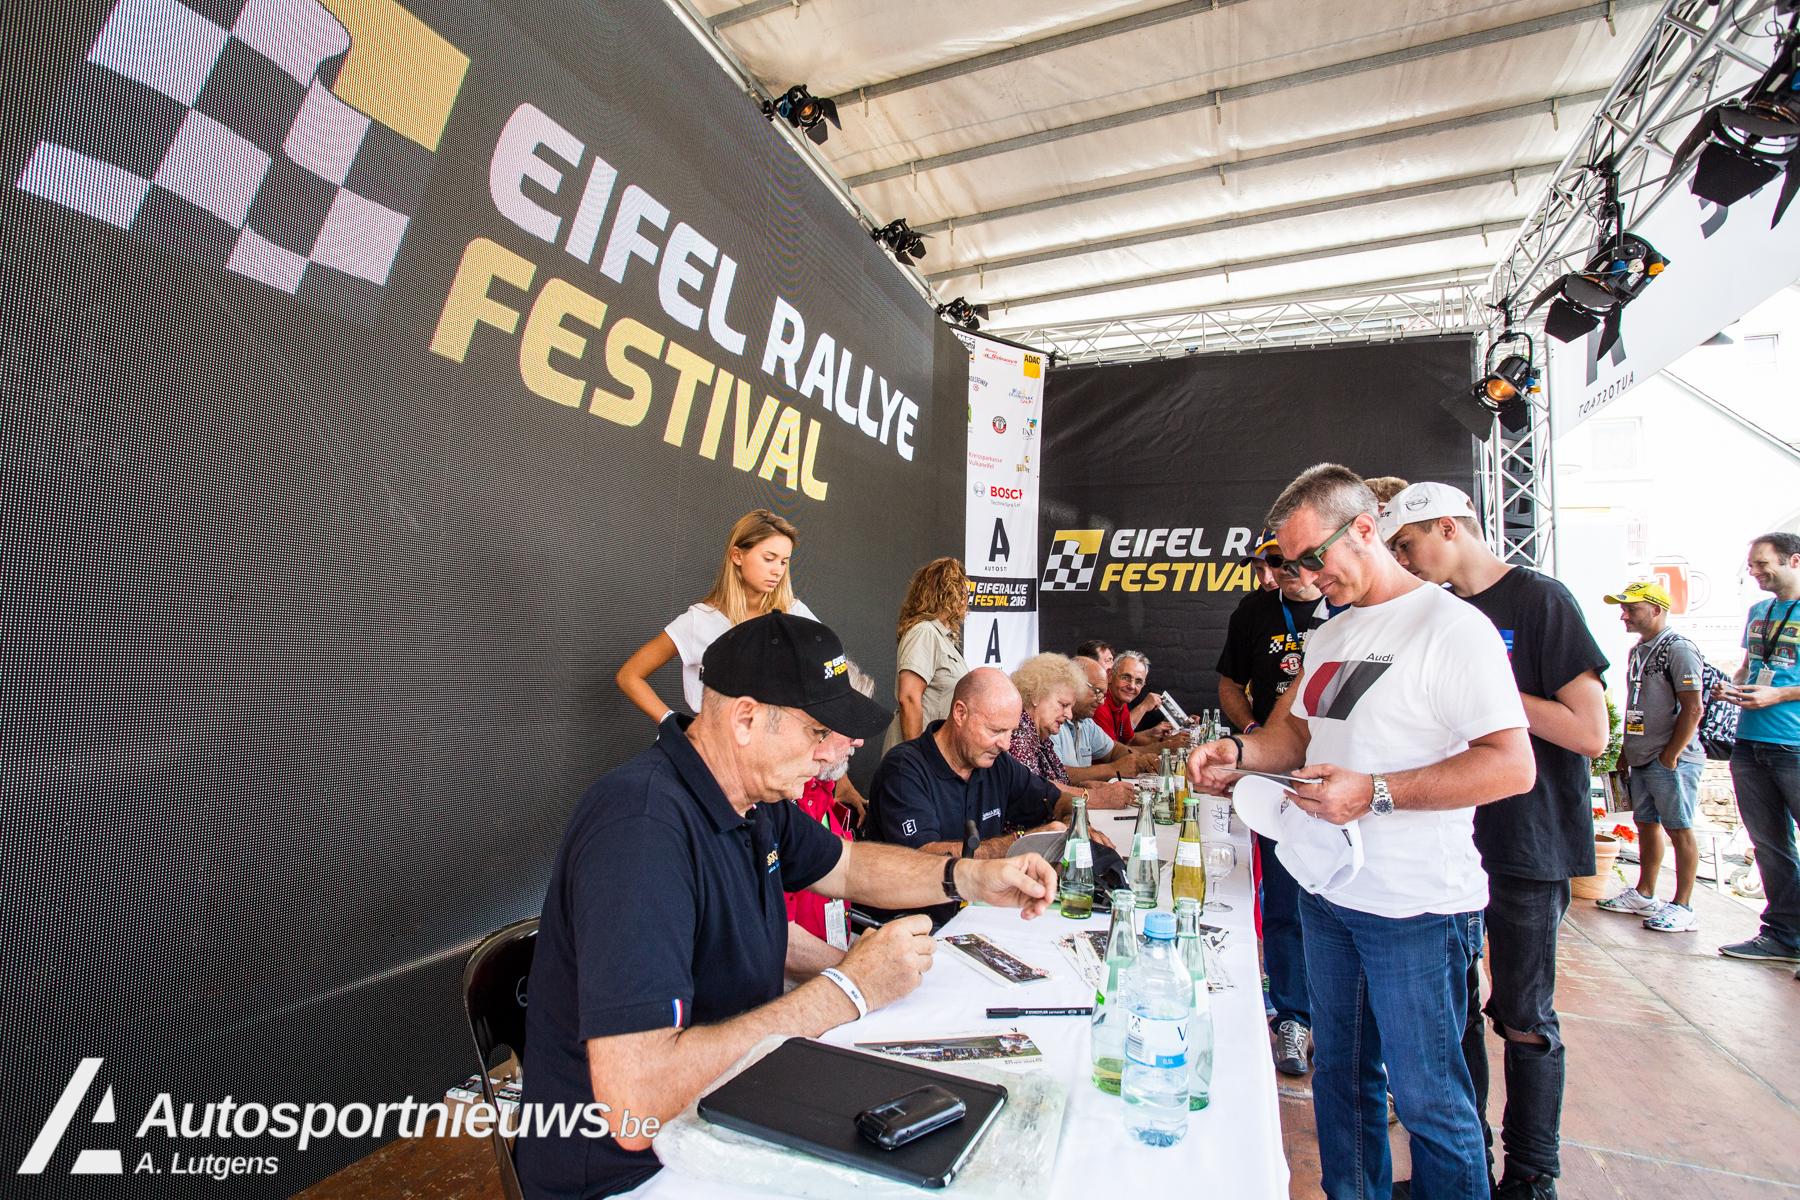 Eifel Rallye Festival 2017 - Mooie vooruitzichten!